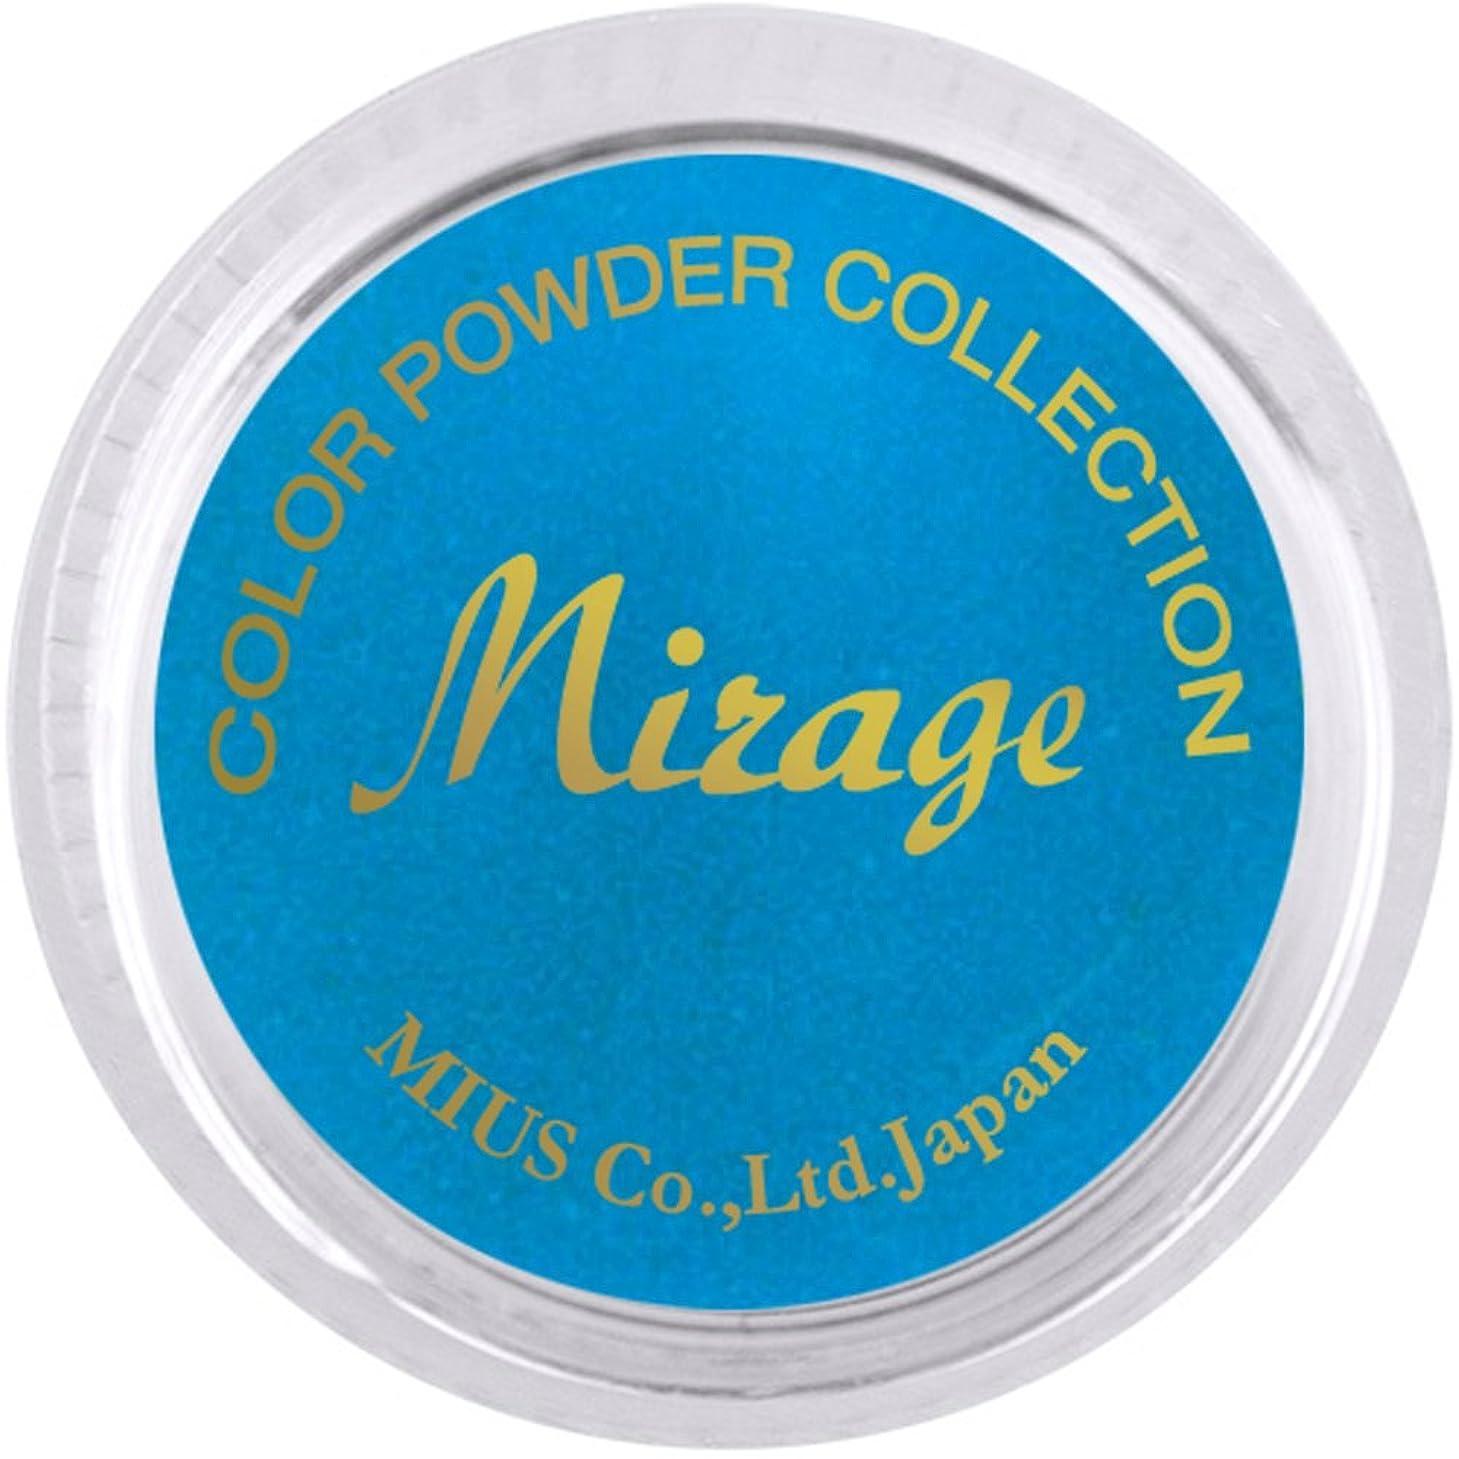 失敗シリング組立ミラージュ カラーパウダー N/WBS-7  7g  アクリルパウダー マットで定番のスタンダードカラー